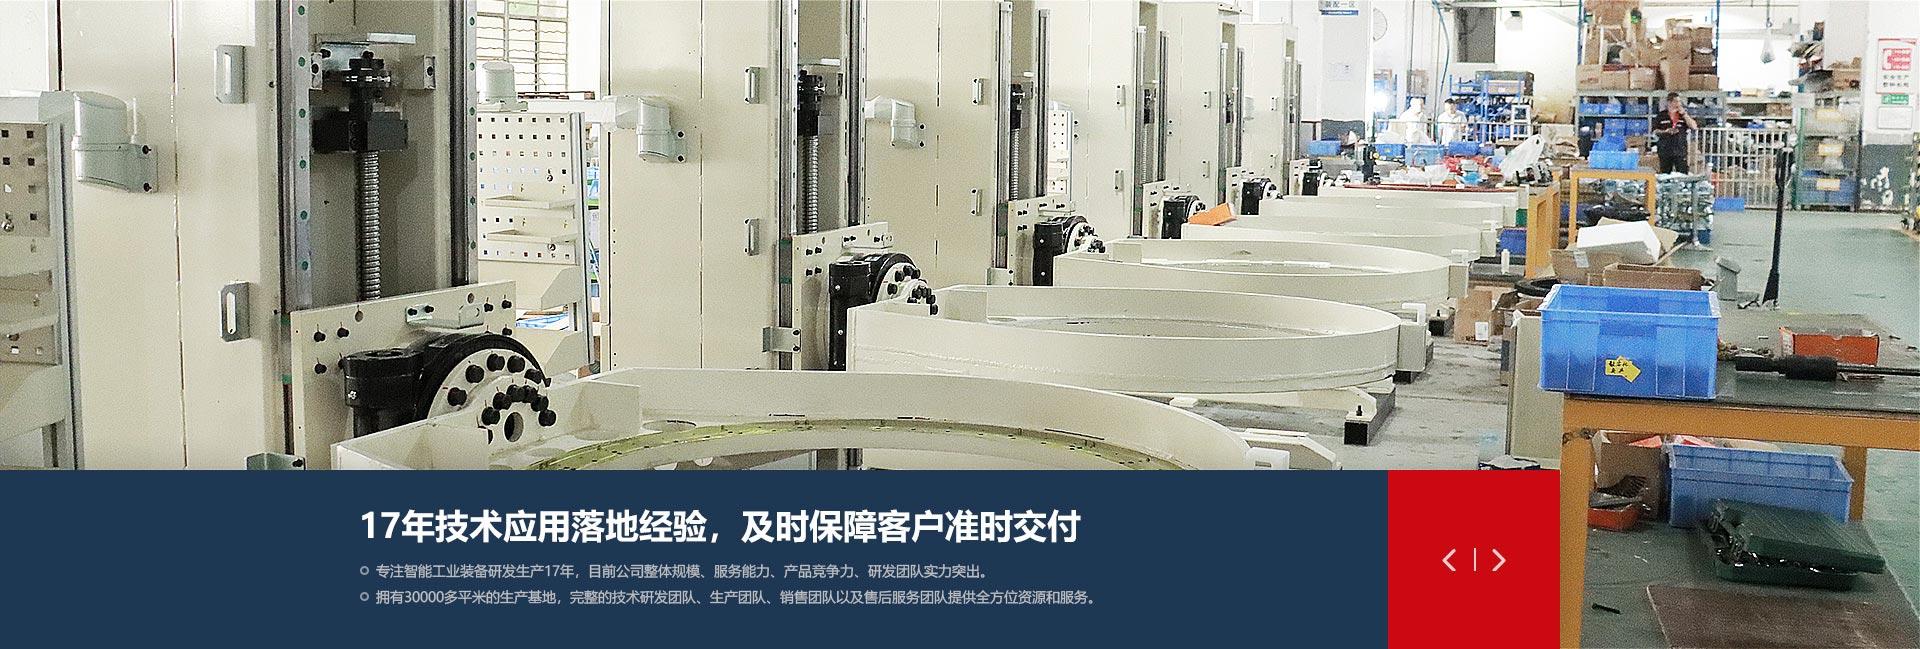 海同轻劳化-生产制造能力